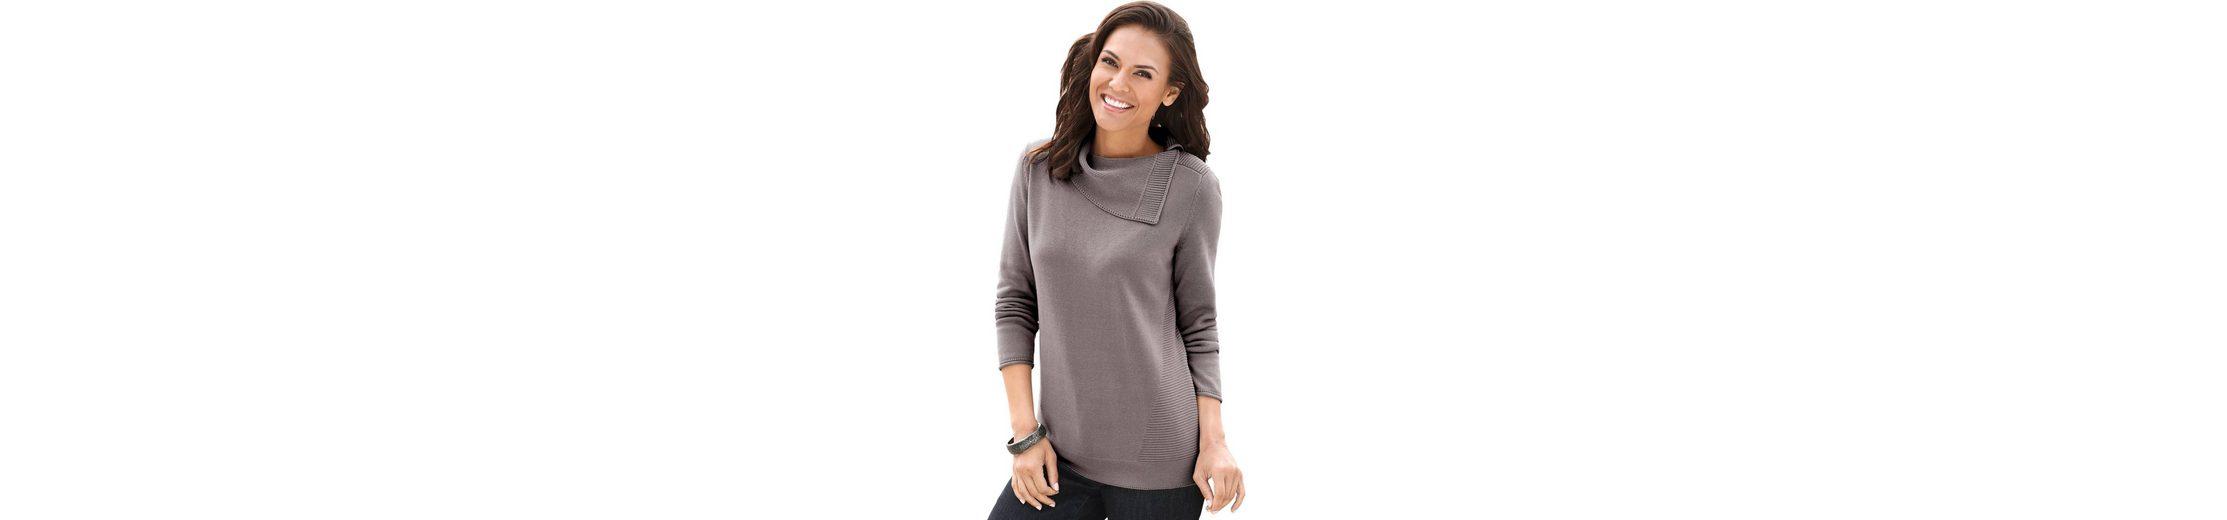 Verkauf Wahl Preiswerte Neue Collection L Pullover mit asymmetrischem Ausschnitt gHoGTNmO